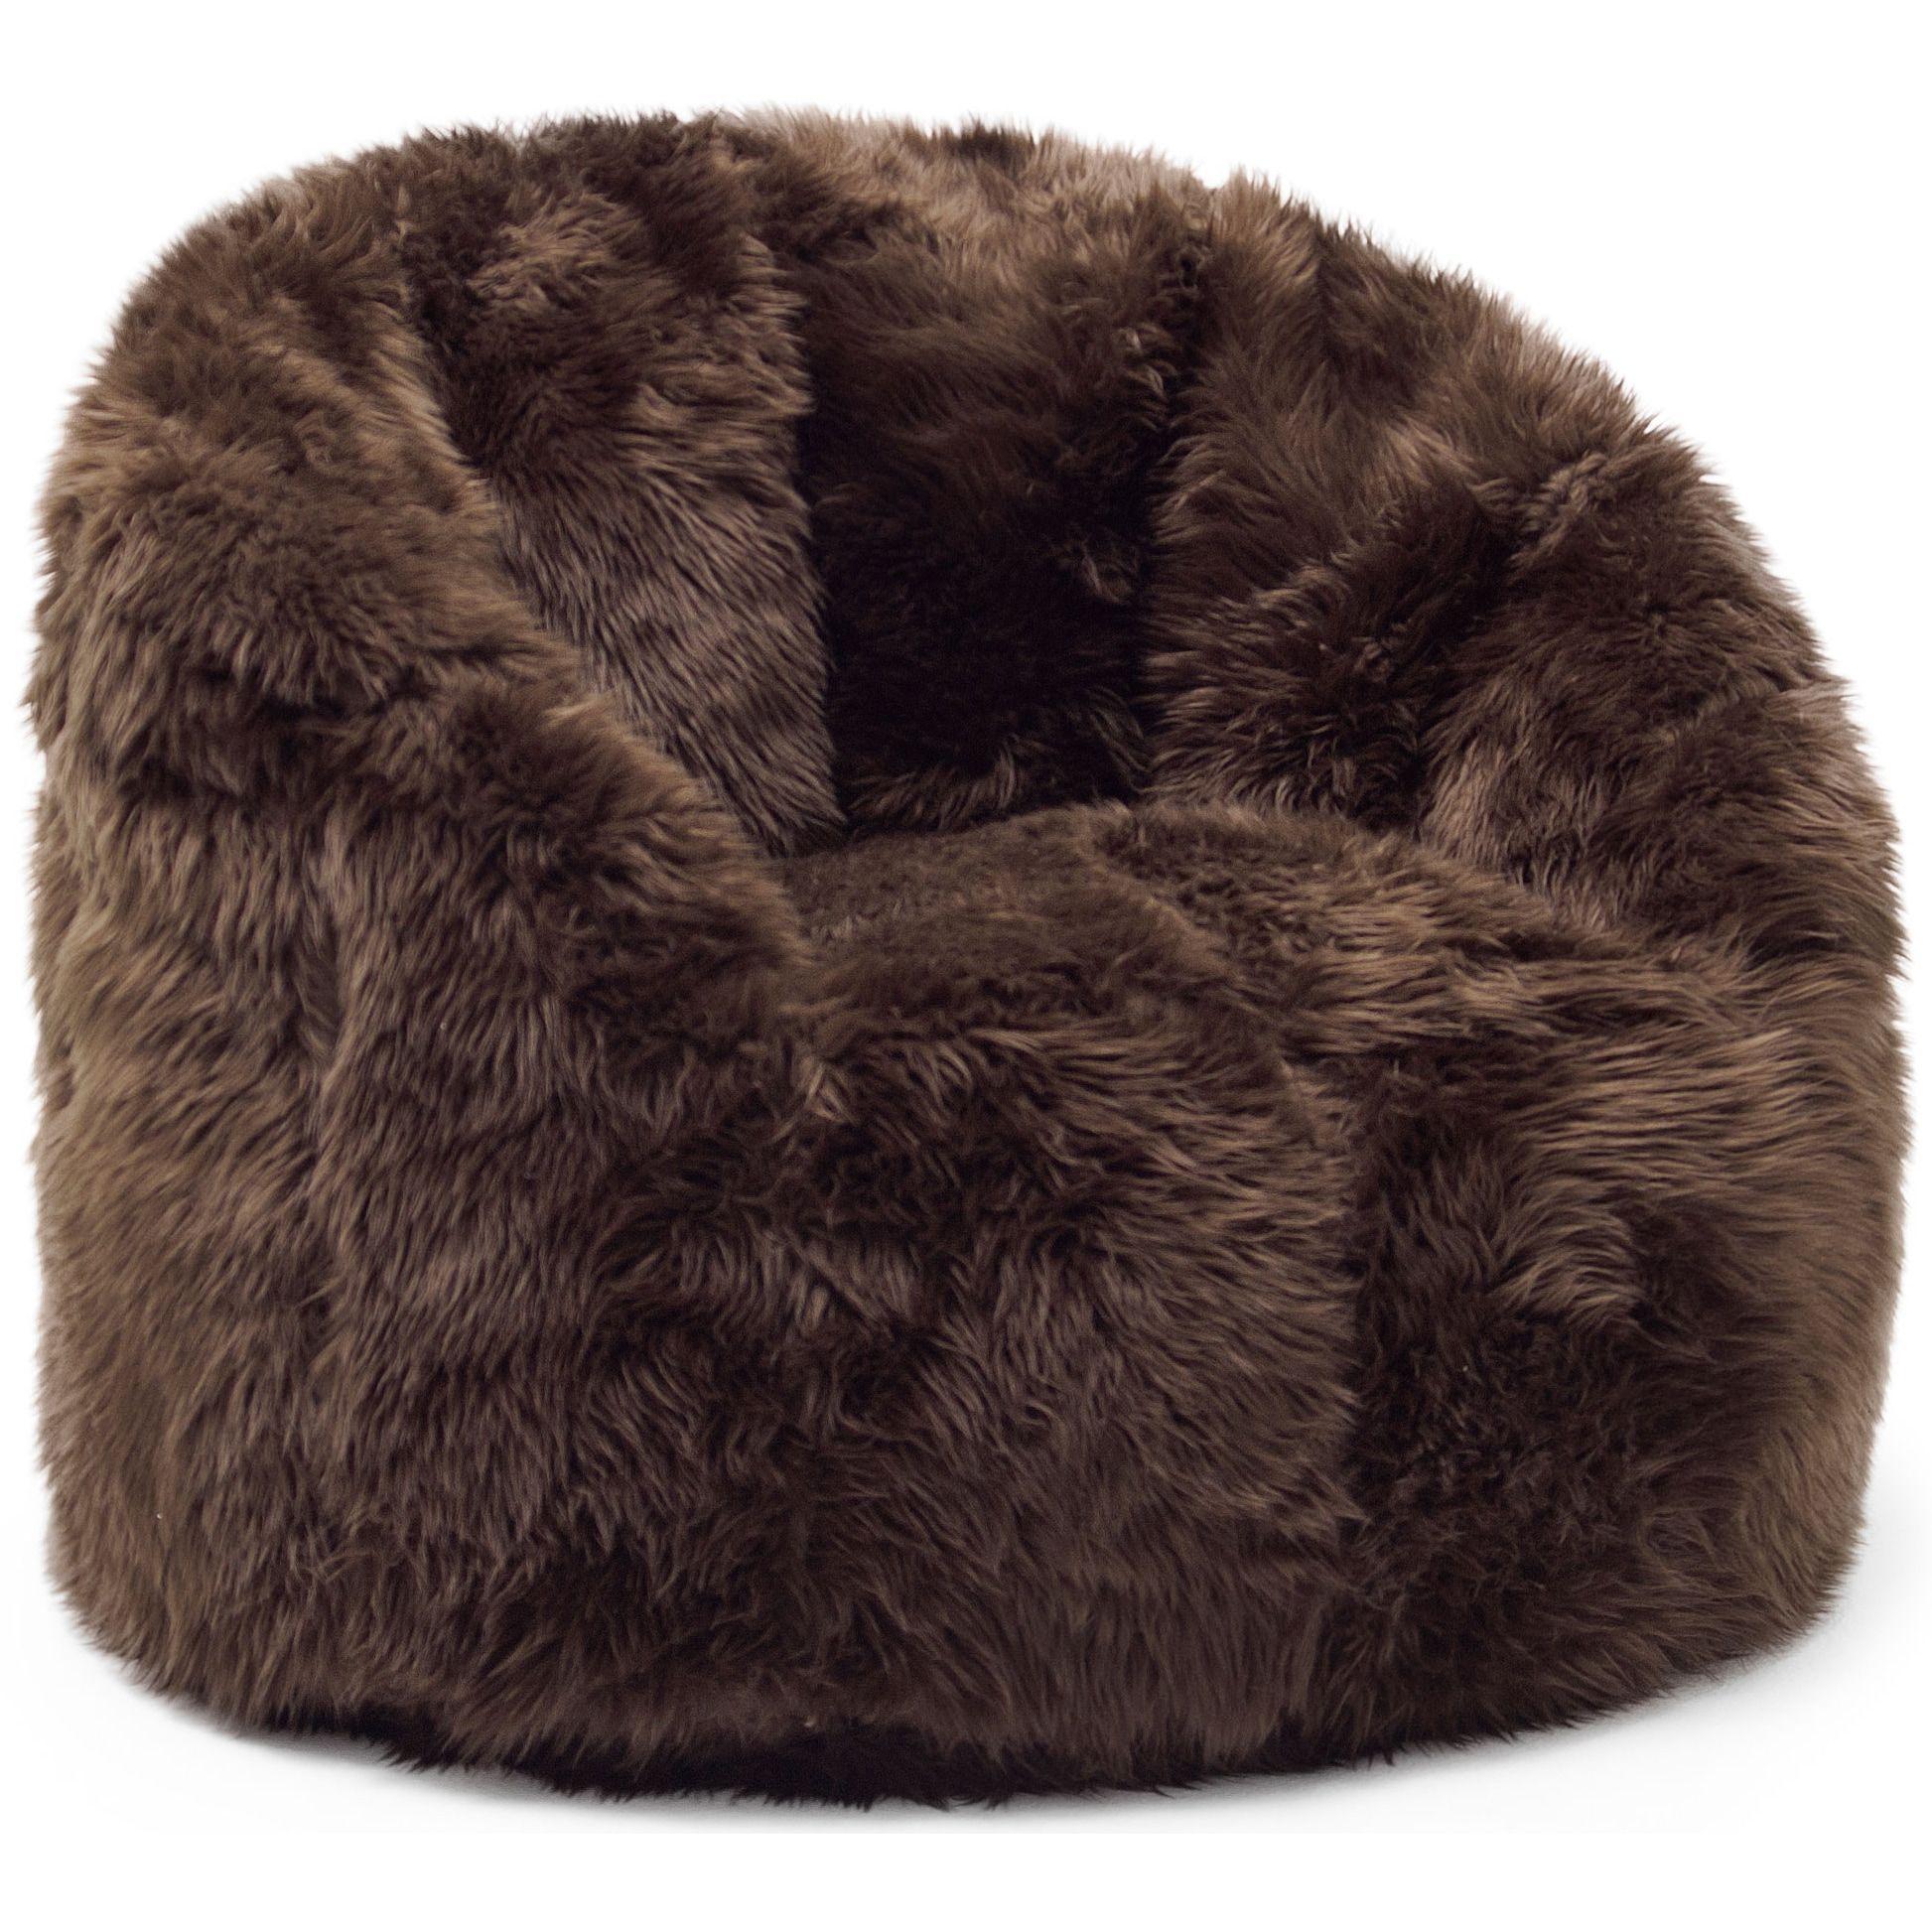 Big Joe Lux Milano Shag Fur Chair (Spot Treat